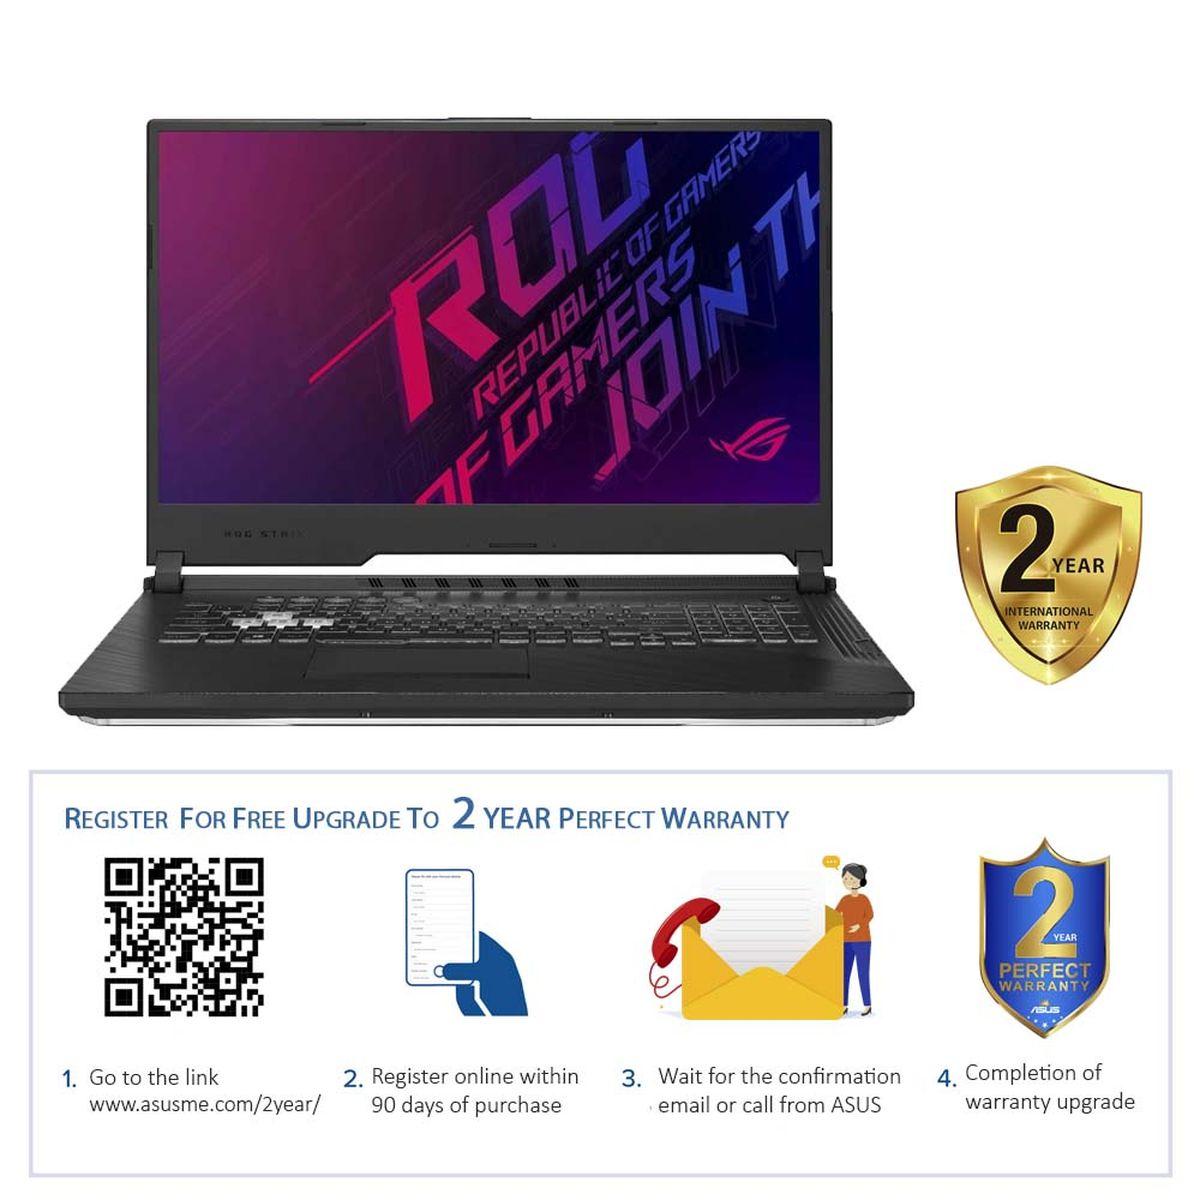 """ASUS ROG Strix G G731GT-AU058T i7-9750H/16GB/1TB HDD+256GB SSD/NVIDIA GeForce GTX 1650 4GB/17.3"""" FHD/60Hz/Windows 10 Home/Black"""